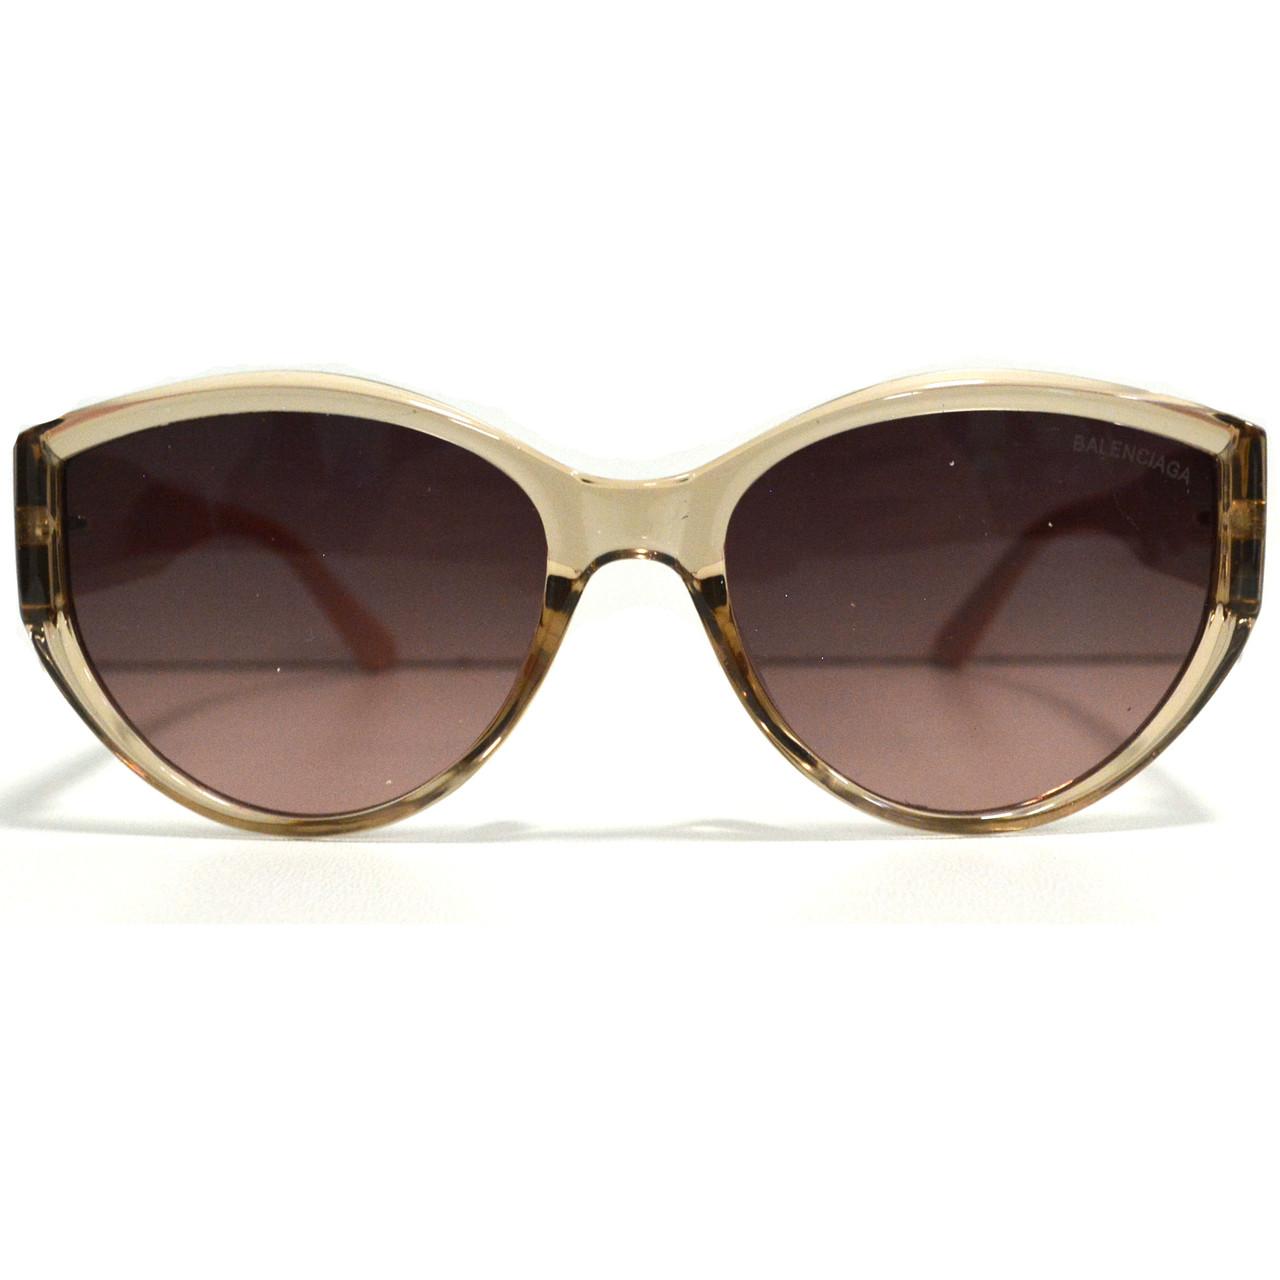 Солнцезащитные очки с коричневыми стеклами с широкой розовой дужкой Balenciaga 2125 - фото 4